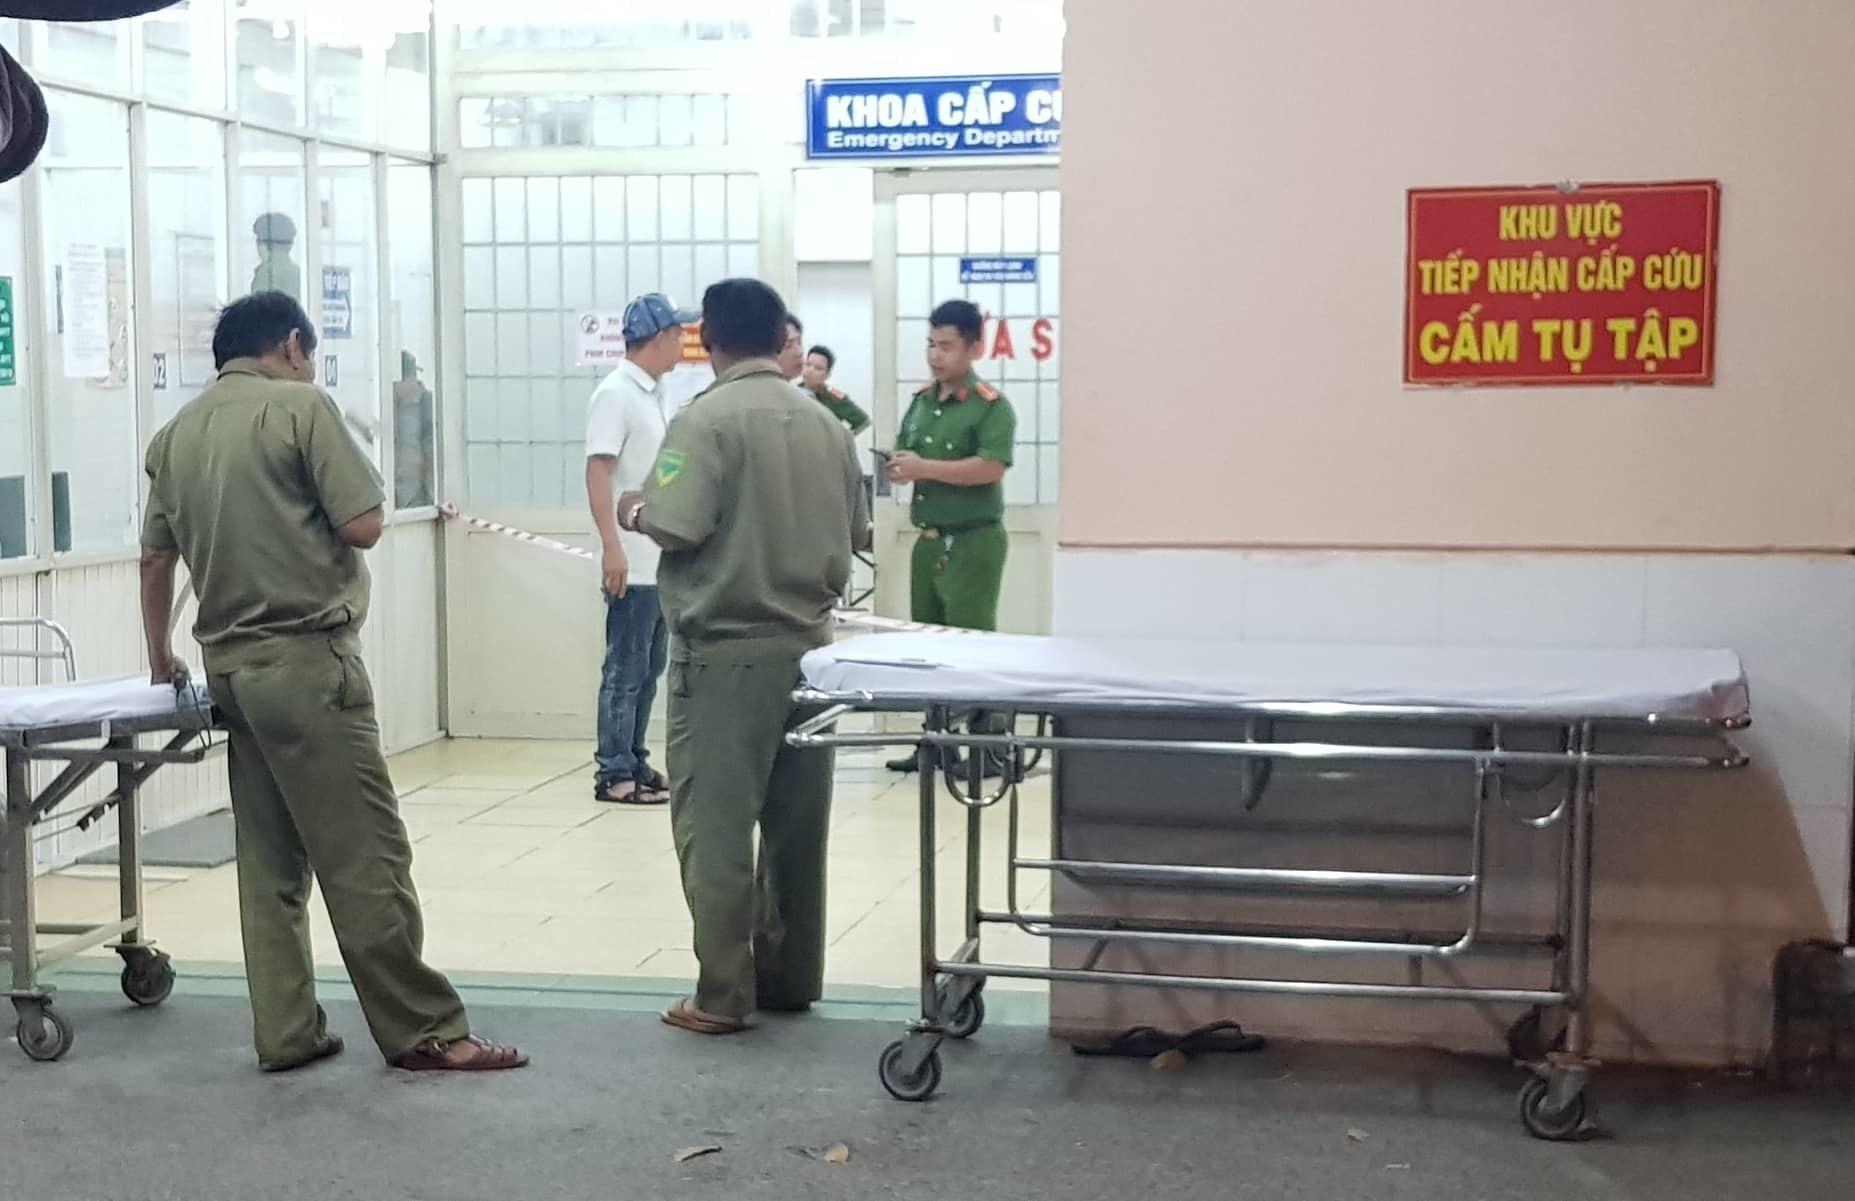 Người tự sát bằng súng trong bệnh viện ở Sài Gòn muốn chết đến cùng-1